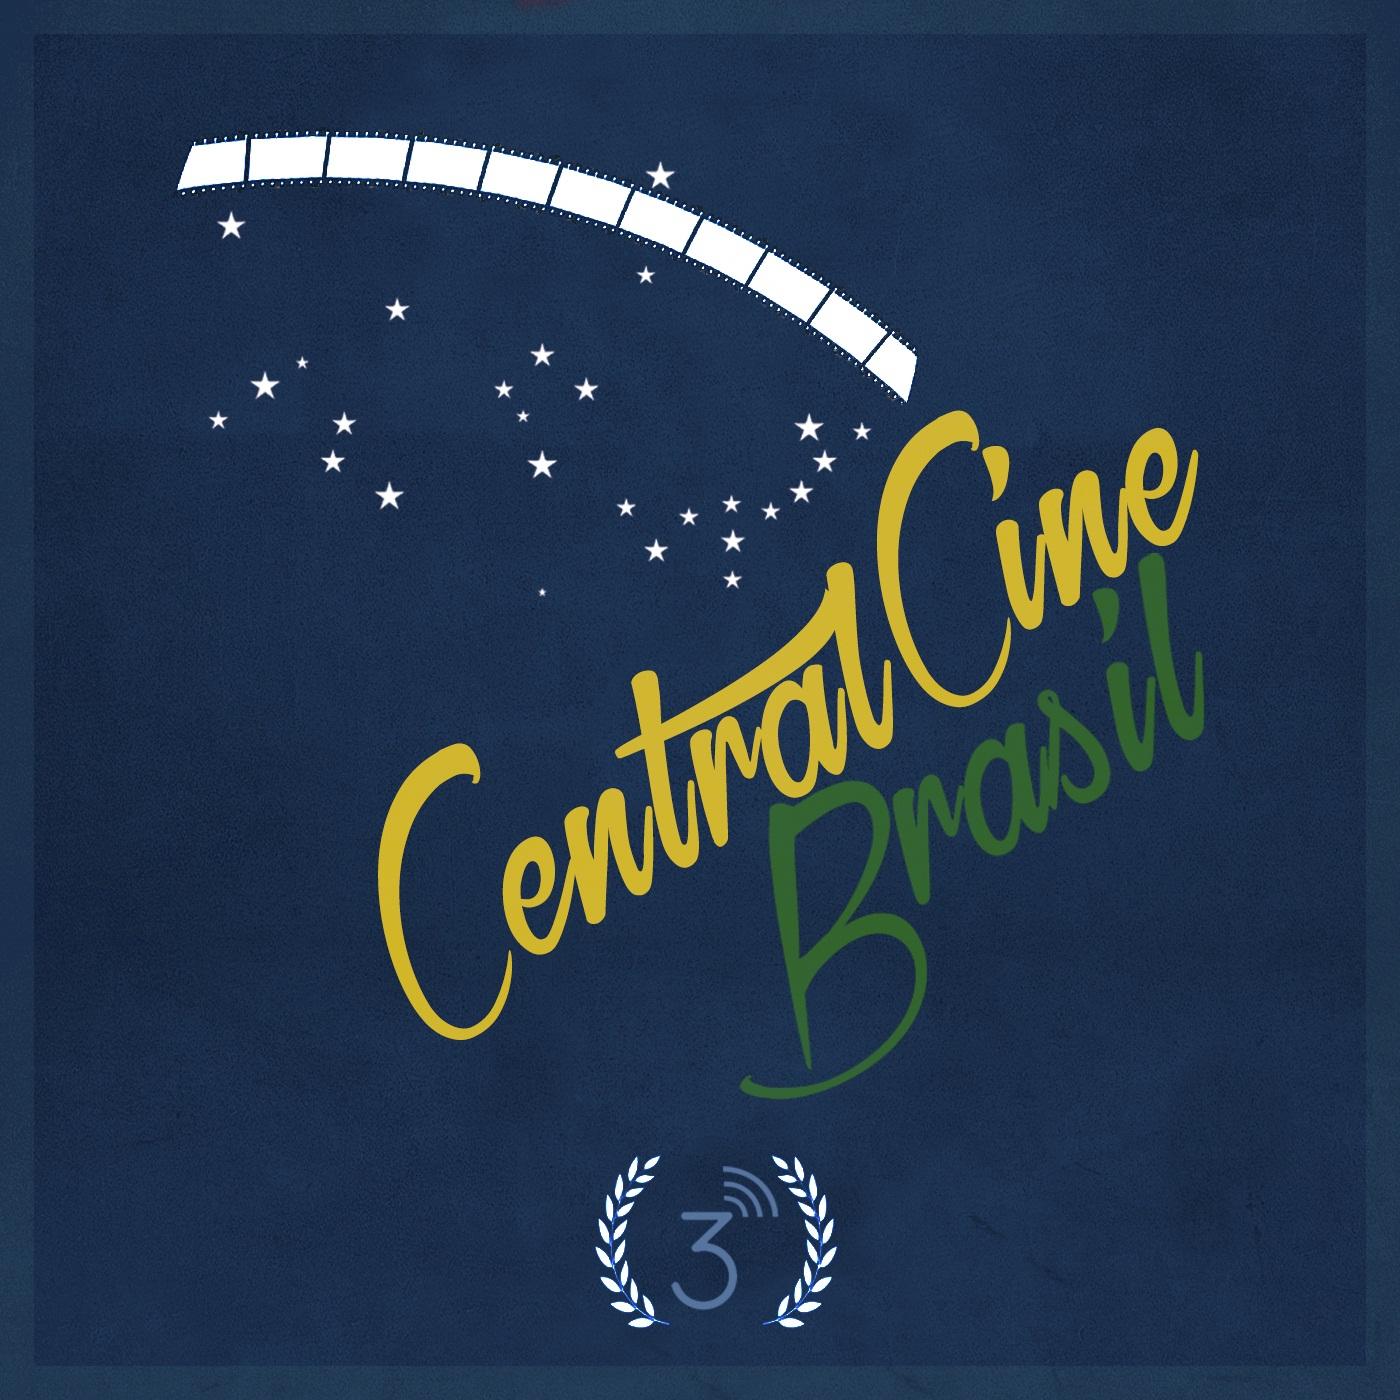 Central Cine Brasil